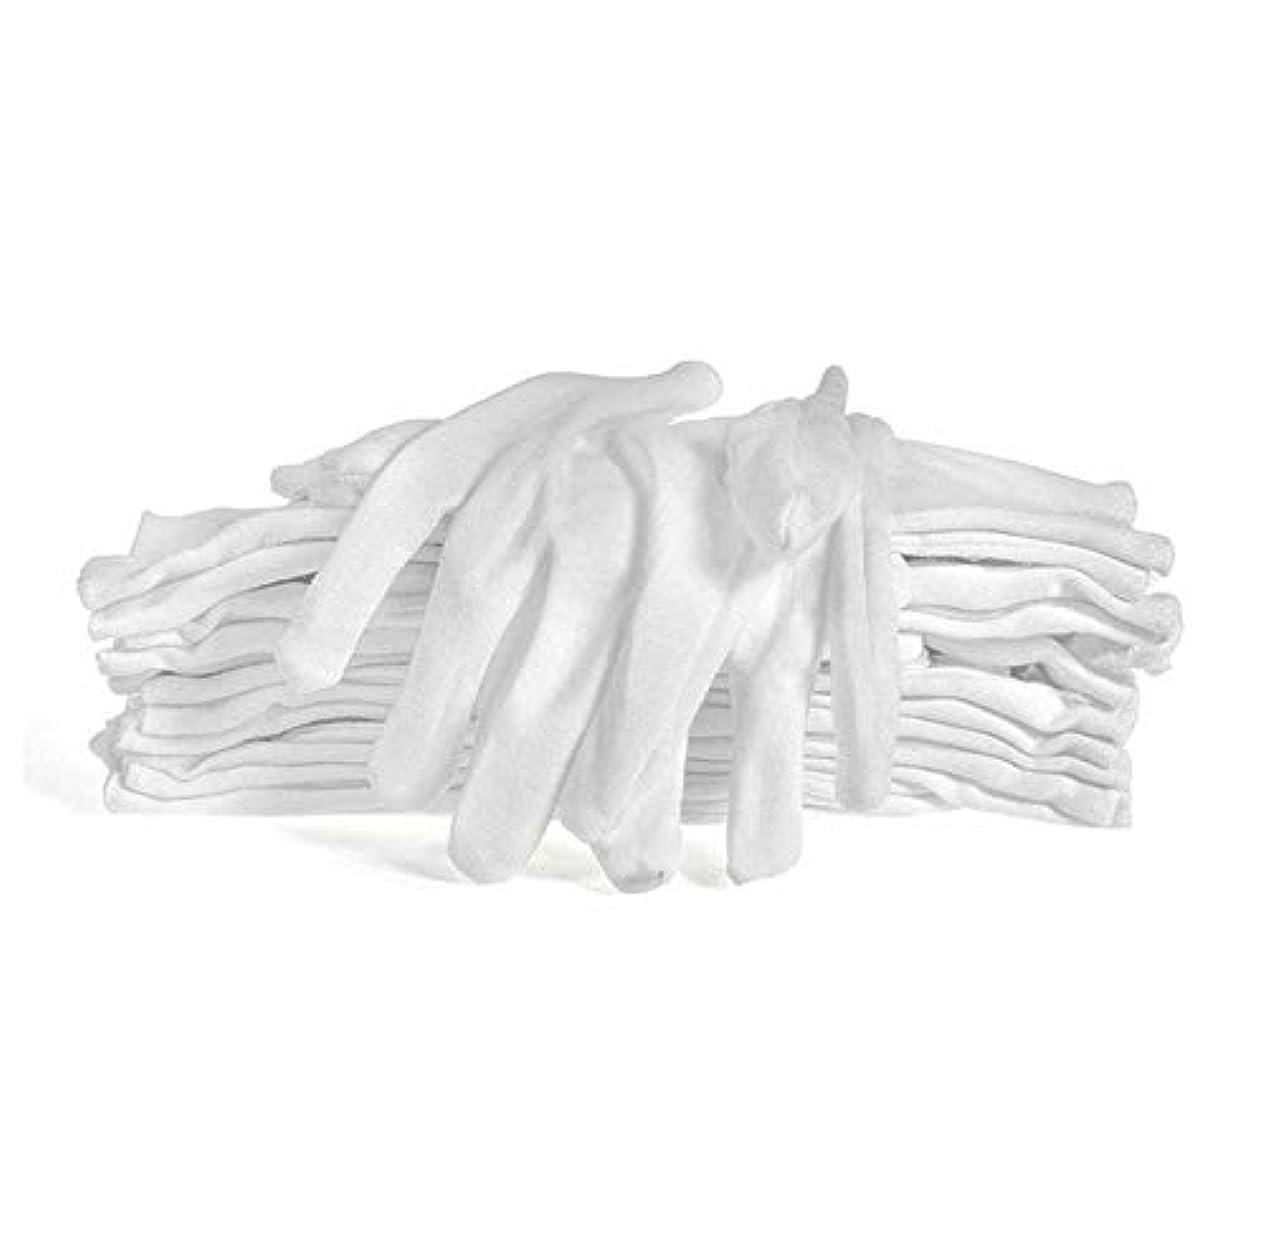 無実れんが高度12双組 コットン手袋 綿手袋 使い捨て 白手袋 薄手 お休み 湿疹手荒れ 純綿 礼装用 メンズ 手袋 乾燥肌 保湿 レディース白